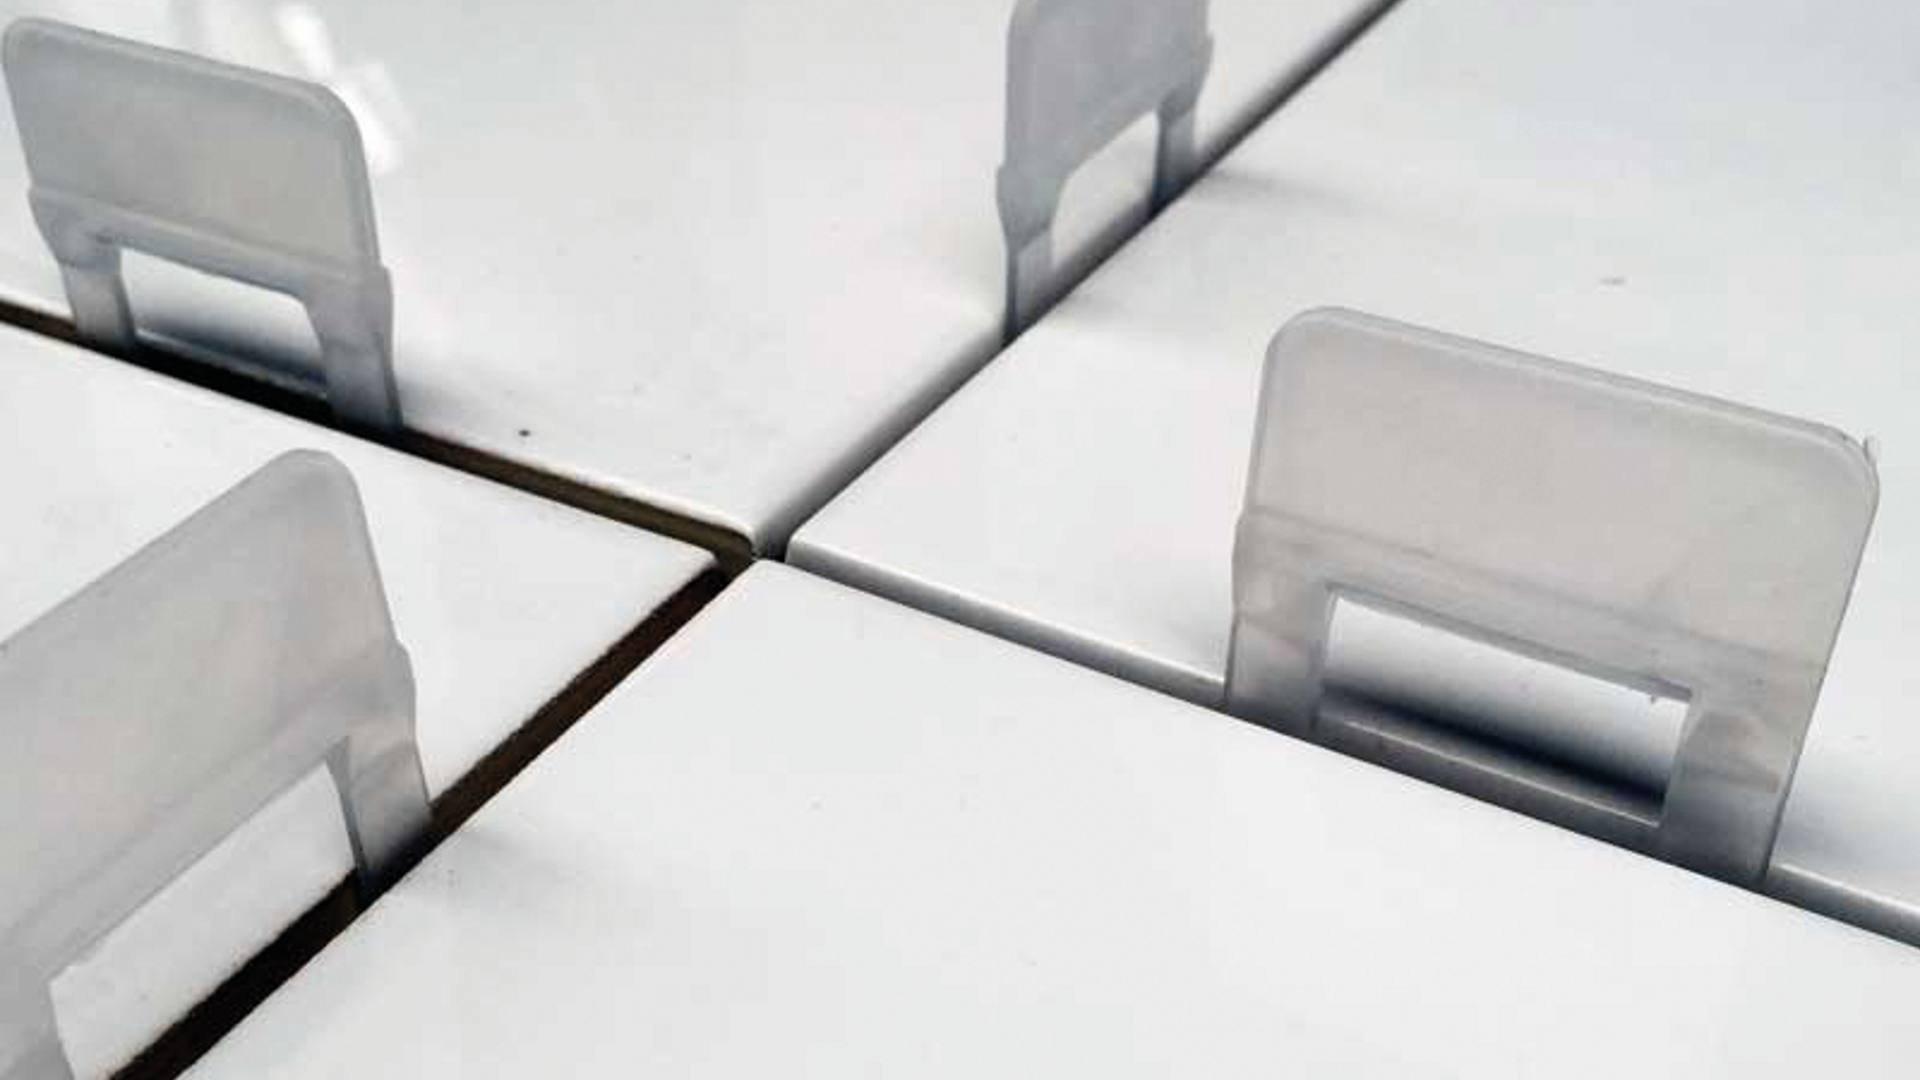 Erste Fliese wie gewohnt verlegen, Laschen unter Fliese stecken und benachbarte Fliese anlegen.